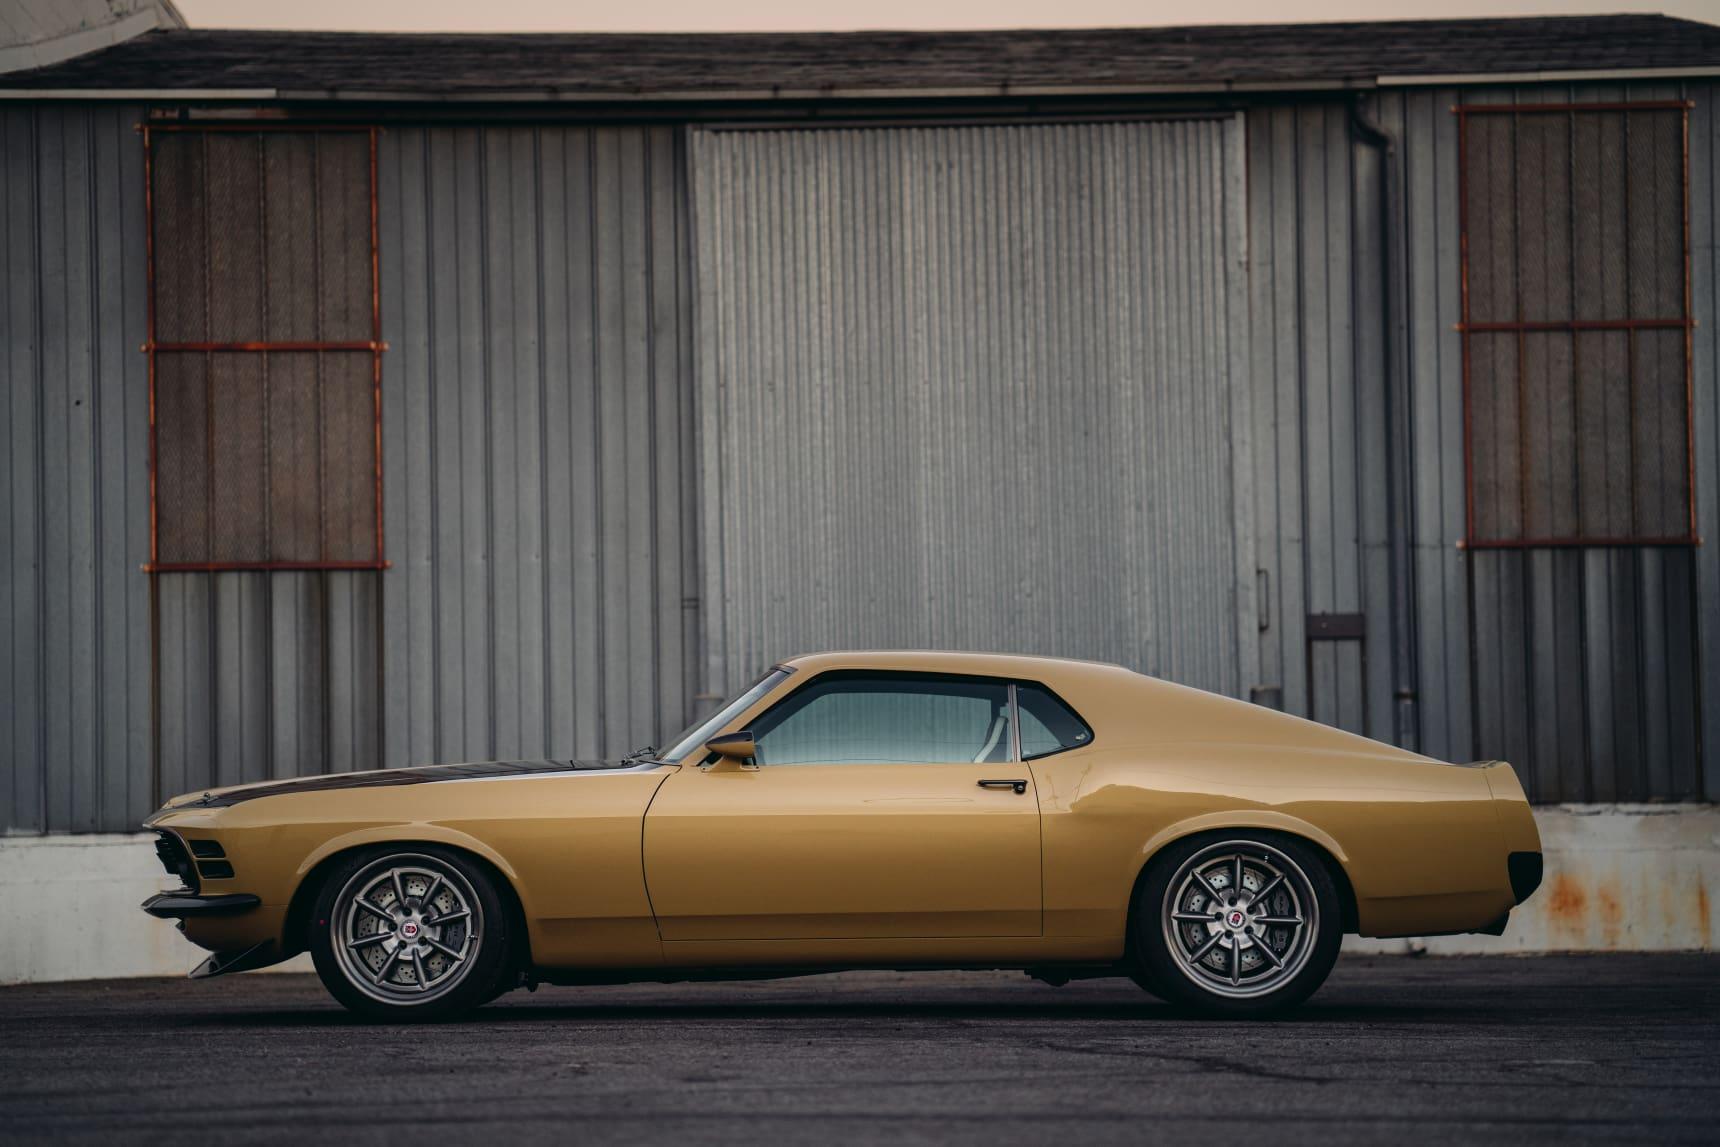 Ein wahrgewordener Männertraum mit 667 PS: Robert Downey Jr's Mustang von 1970 2